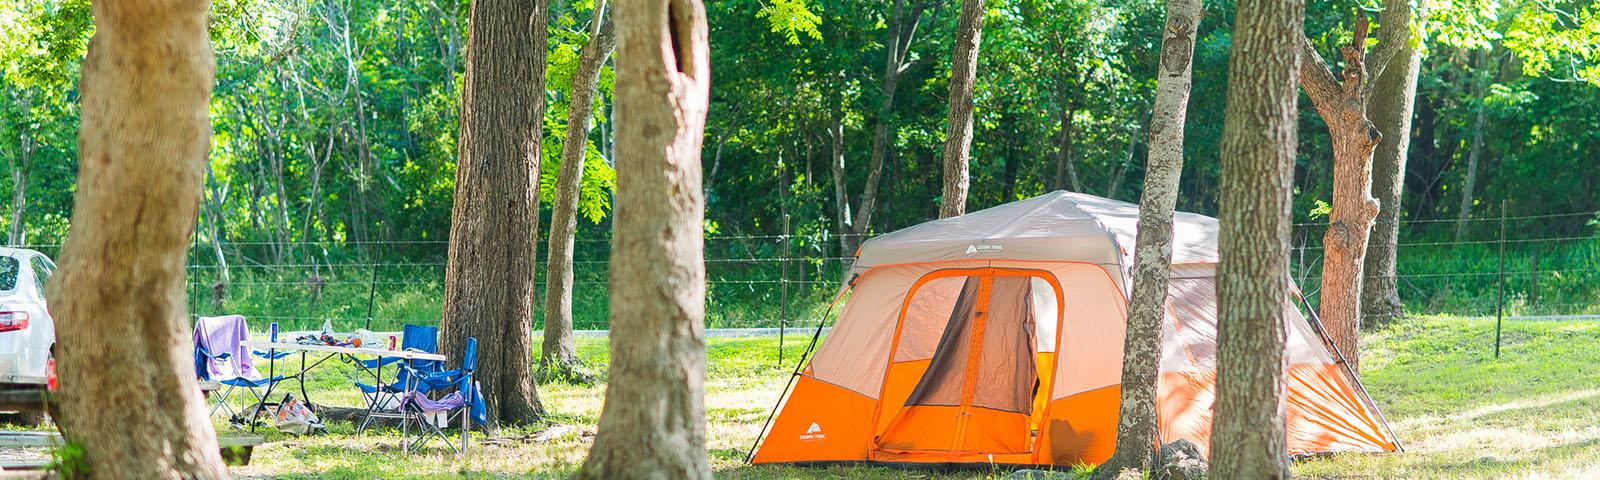 tent-trees